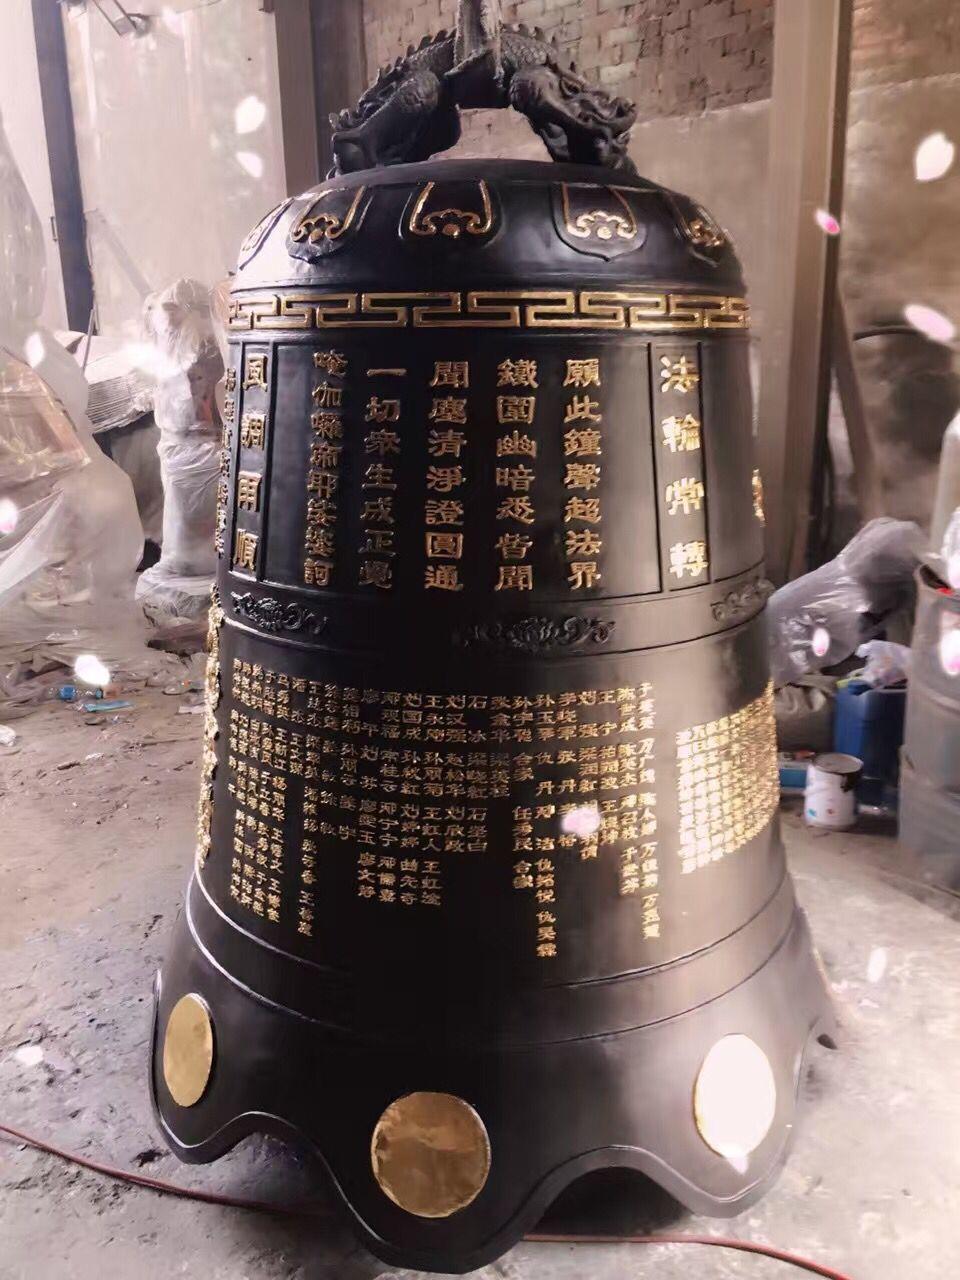 这家铜钟质量真好专业寺院大铜钟定制厂